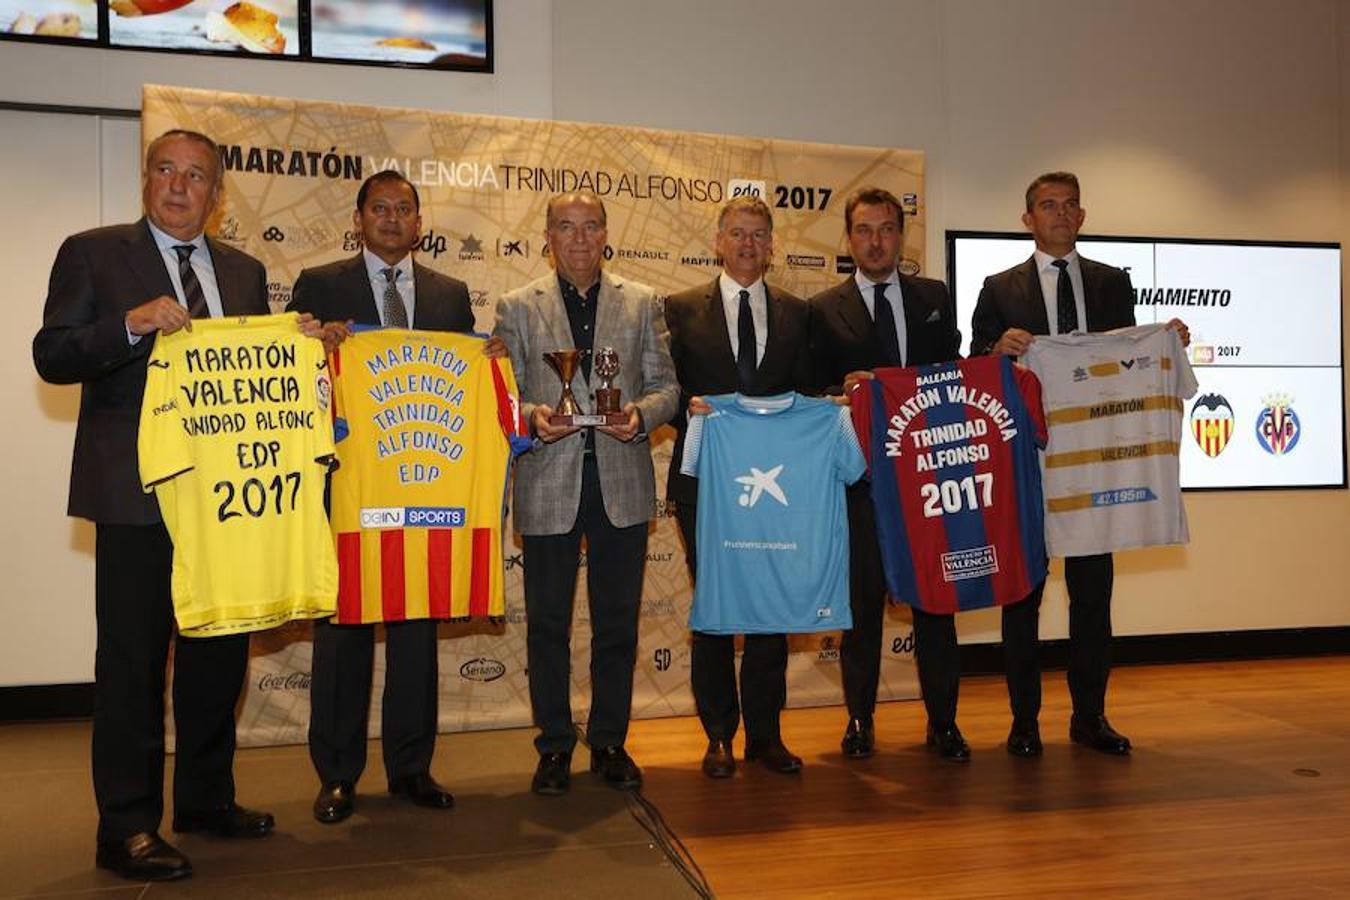 Fotos del acto de hermanamiento del Maratón con los clubes valencianos